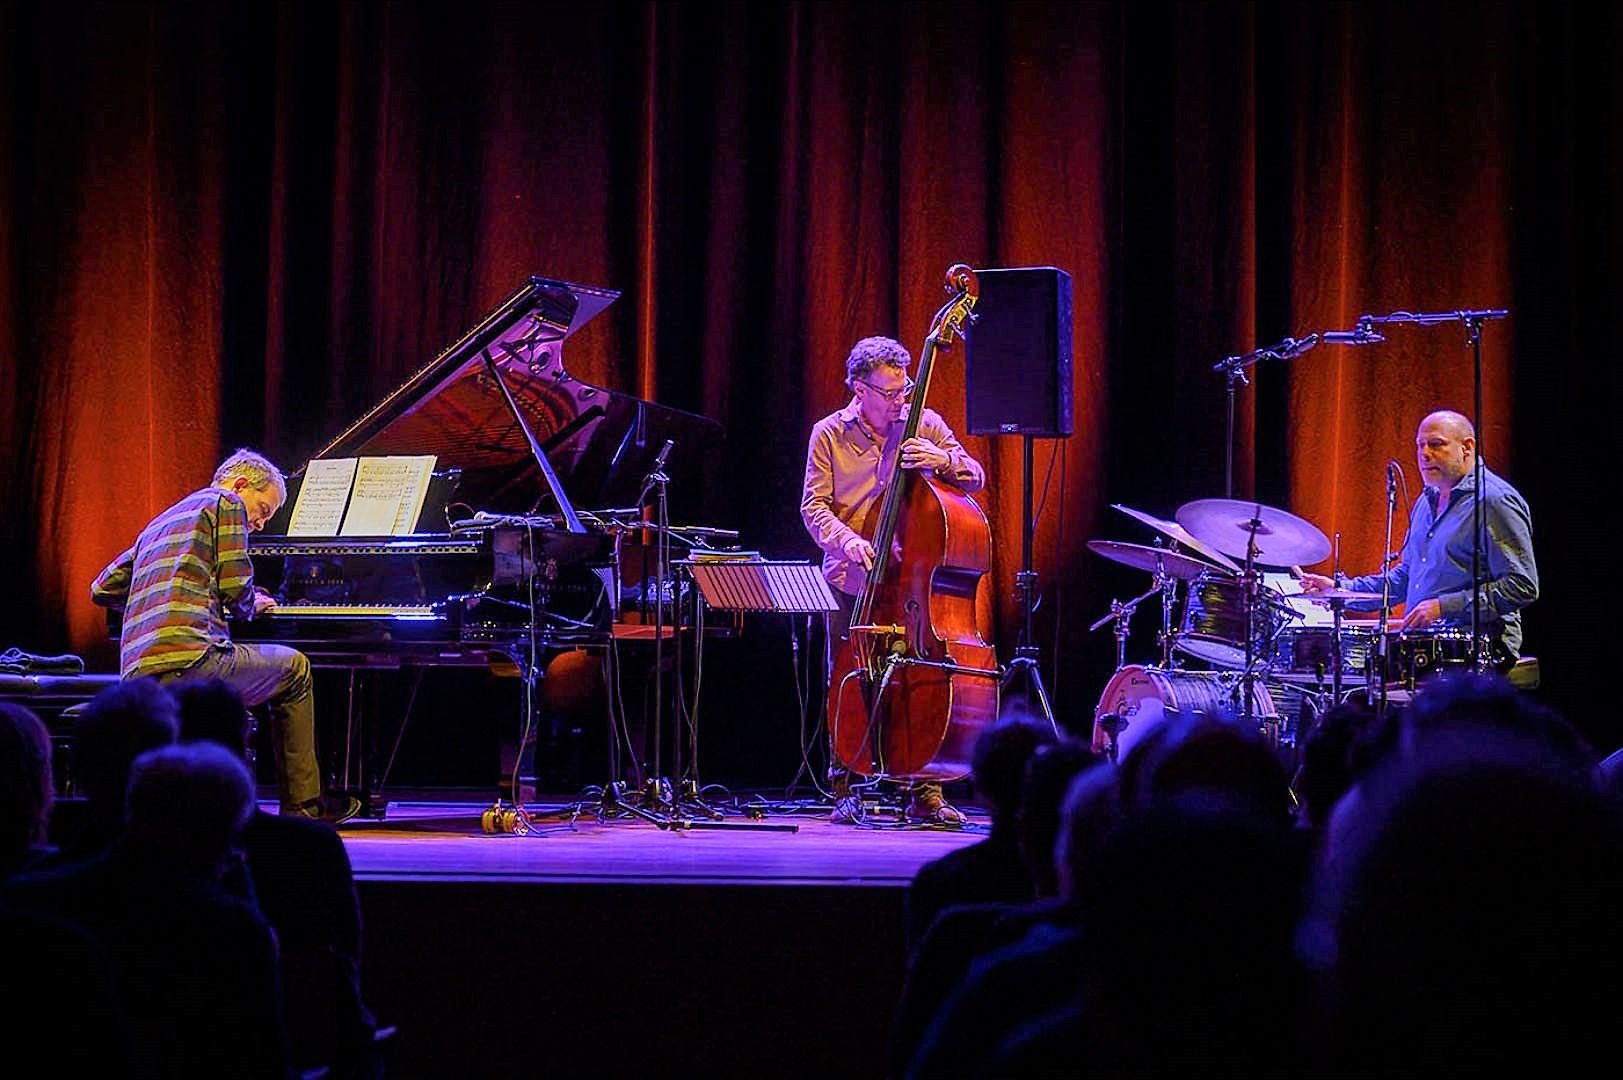 The Trio in Utrecht